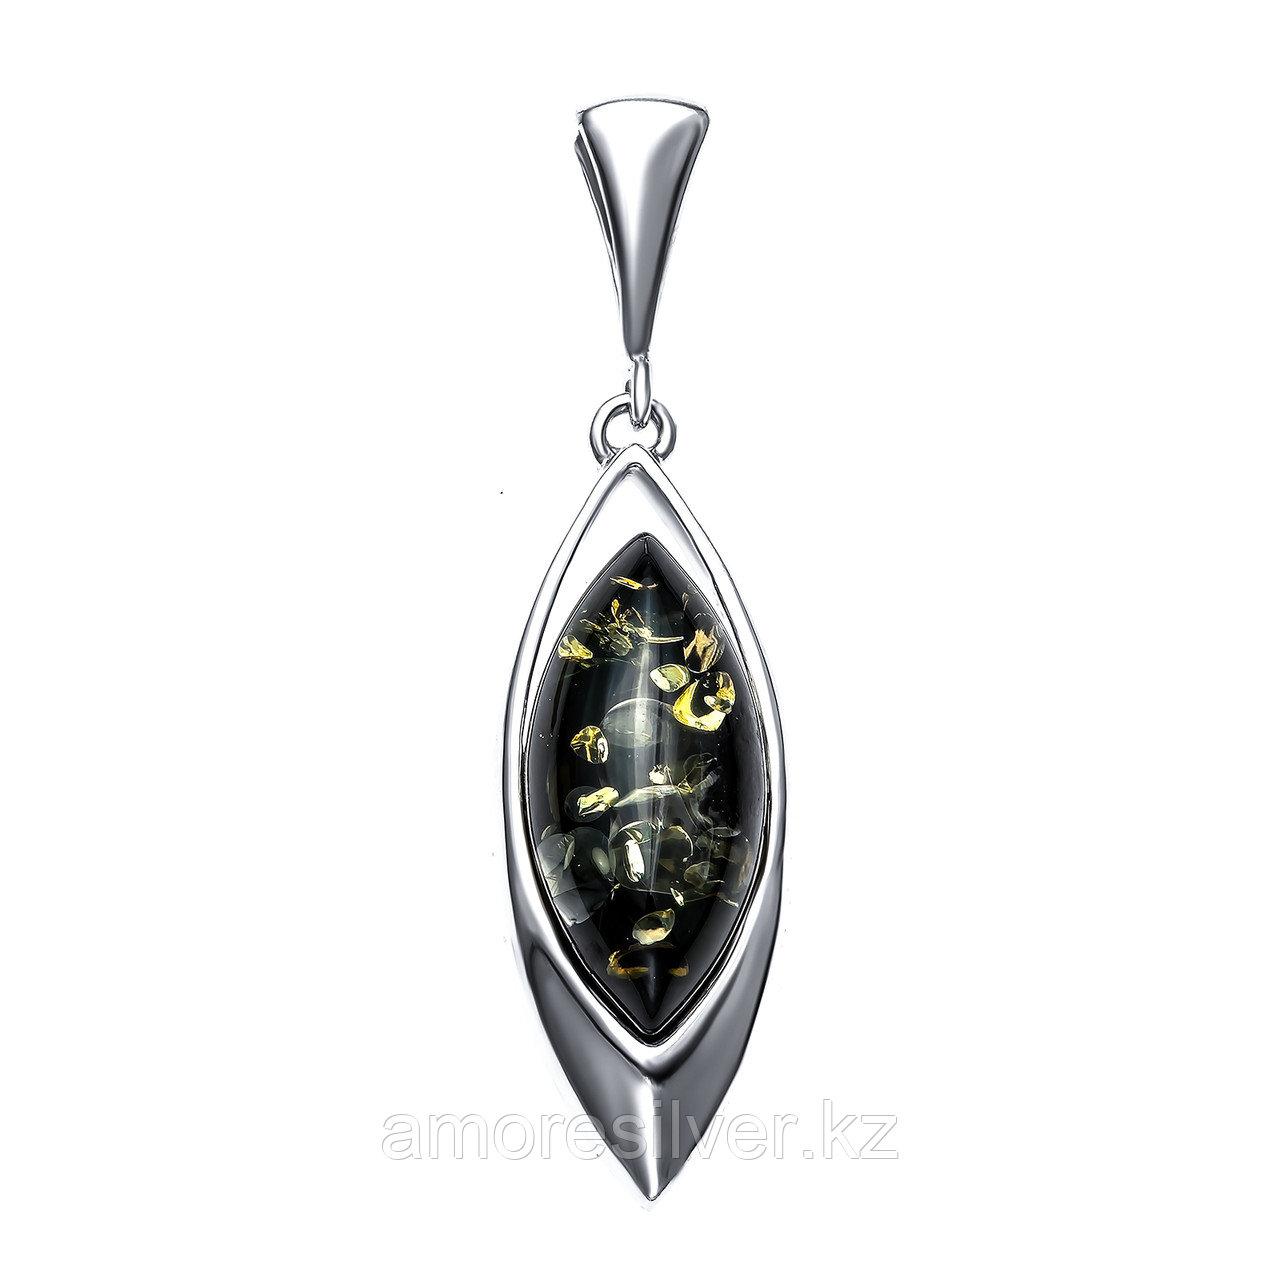 Подвеска Darvin серебро с родием, янтарь зеленый, классика 928011007ab